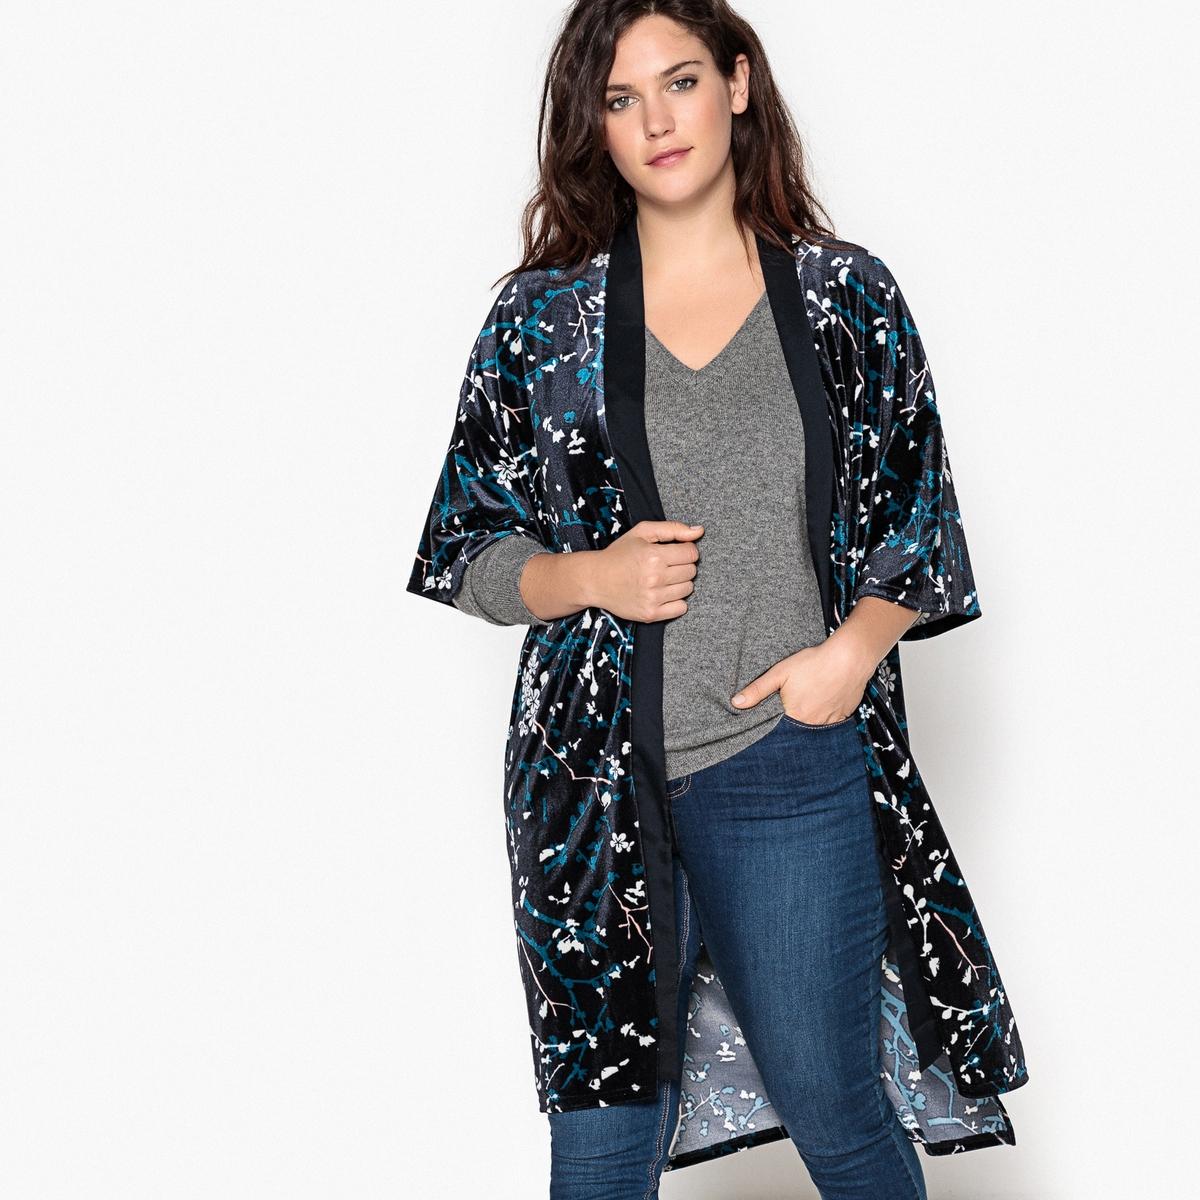 Жакет-кимоно из велюрового трикотажаОписание:Этой зимой велюр в моде . Этот жакет-кимоно из велюра выглядит невероятно стильно. Кимоно из велюра с принтом адаптируется под любые стили .Детали •  Свободный стиль •  Покрой бойфренд, свободный •  Длина : удлиненная модель •  Шалевый воротник •  Рисунок-принтСостав и уход •  8% эластана, 92% полиэстера •  Подкладка : 100% полиэстер •  Следуйте рекомендациям по уходу, указанным на этикетке изделияТовар из коллекции больших размеров<br><br>Цвет: рисунок японский